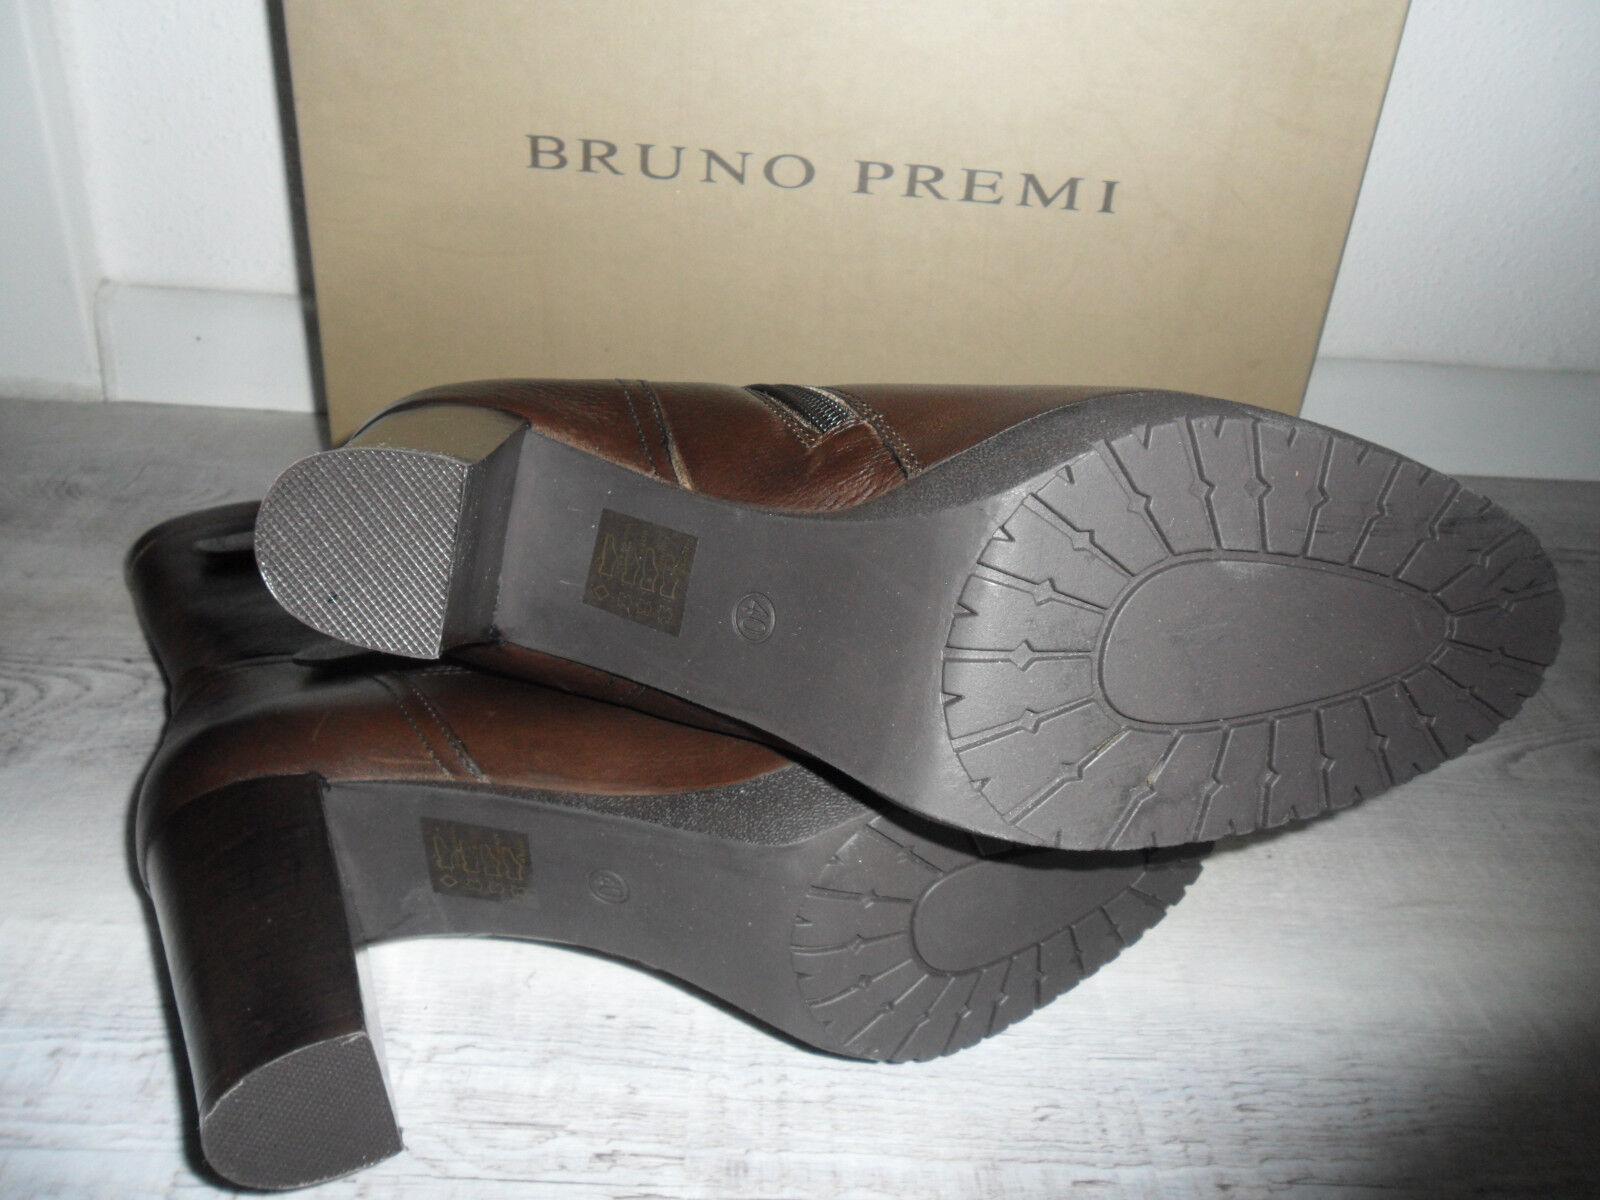 Bruno Premi Premi Premi Damenstiefeletten Gr. 40 braun NEU 0eac1f